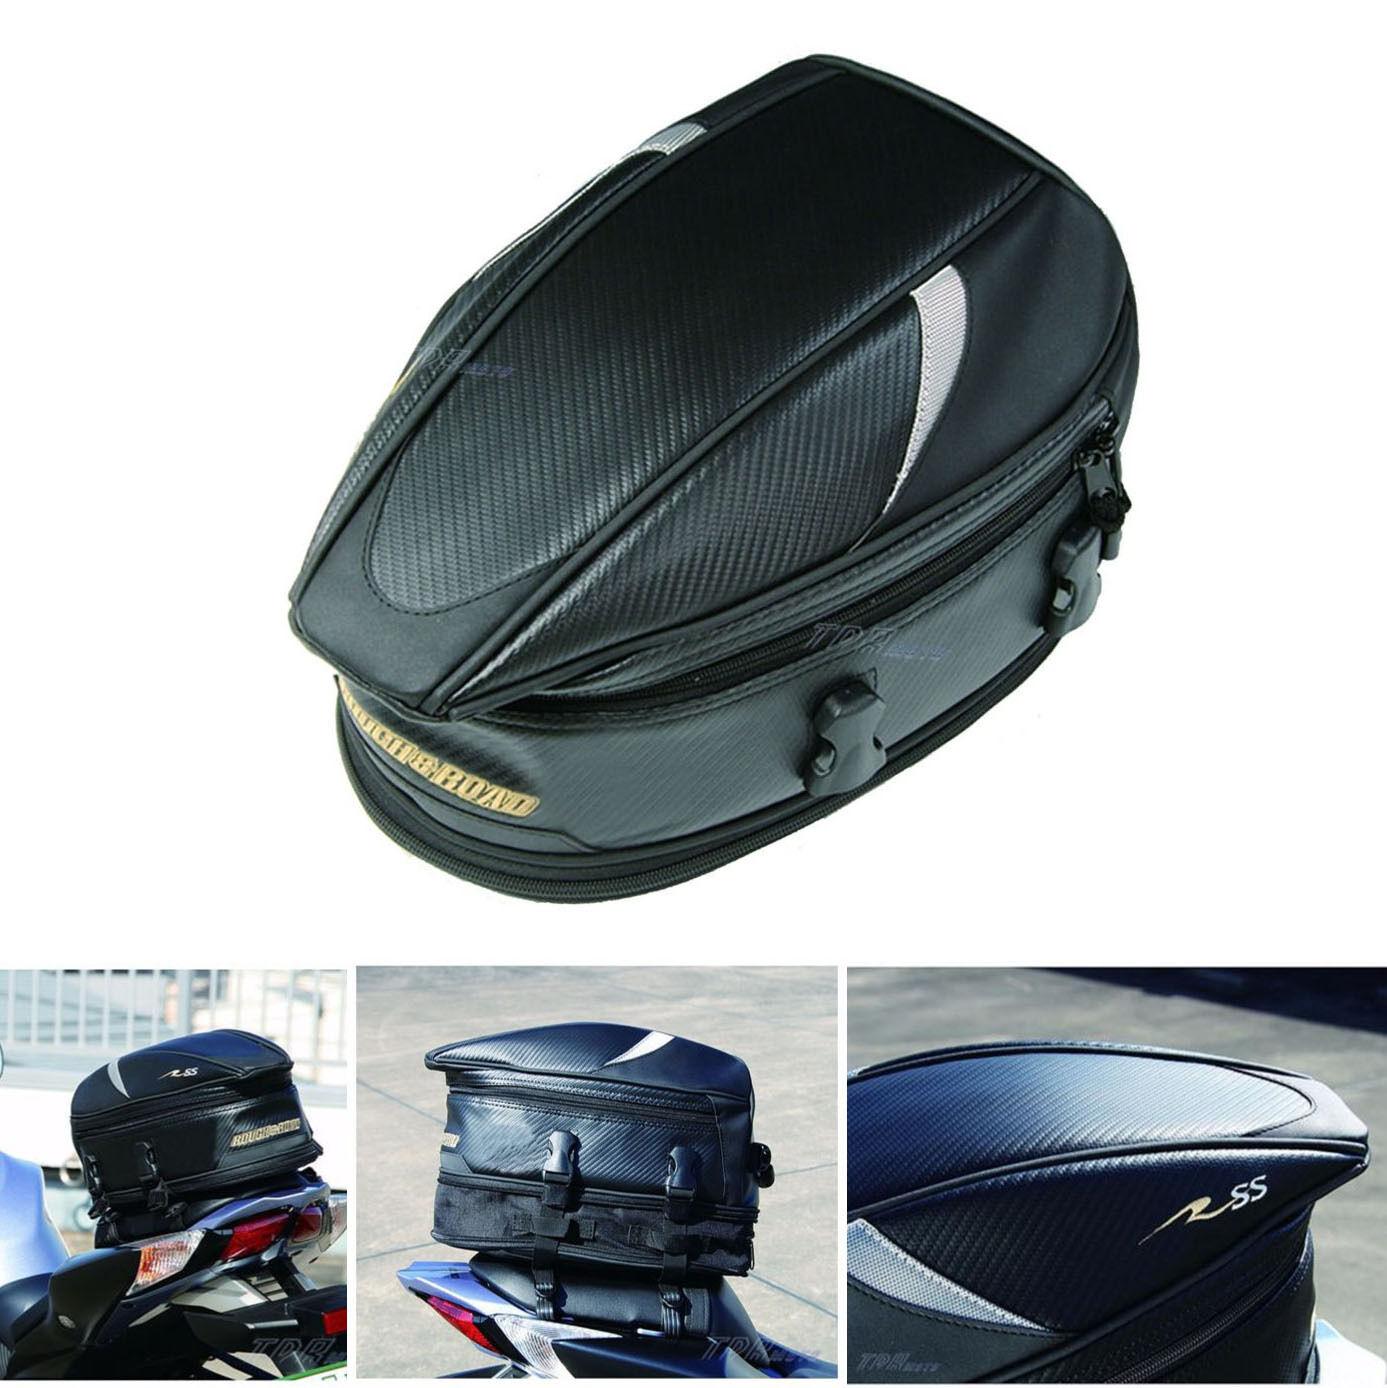 Saddle Tail Bag Motorcycle Road Street Bike Luggage Suzuki Gsxr